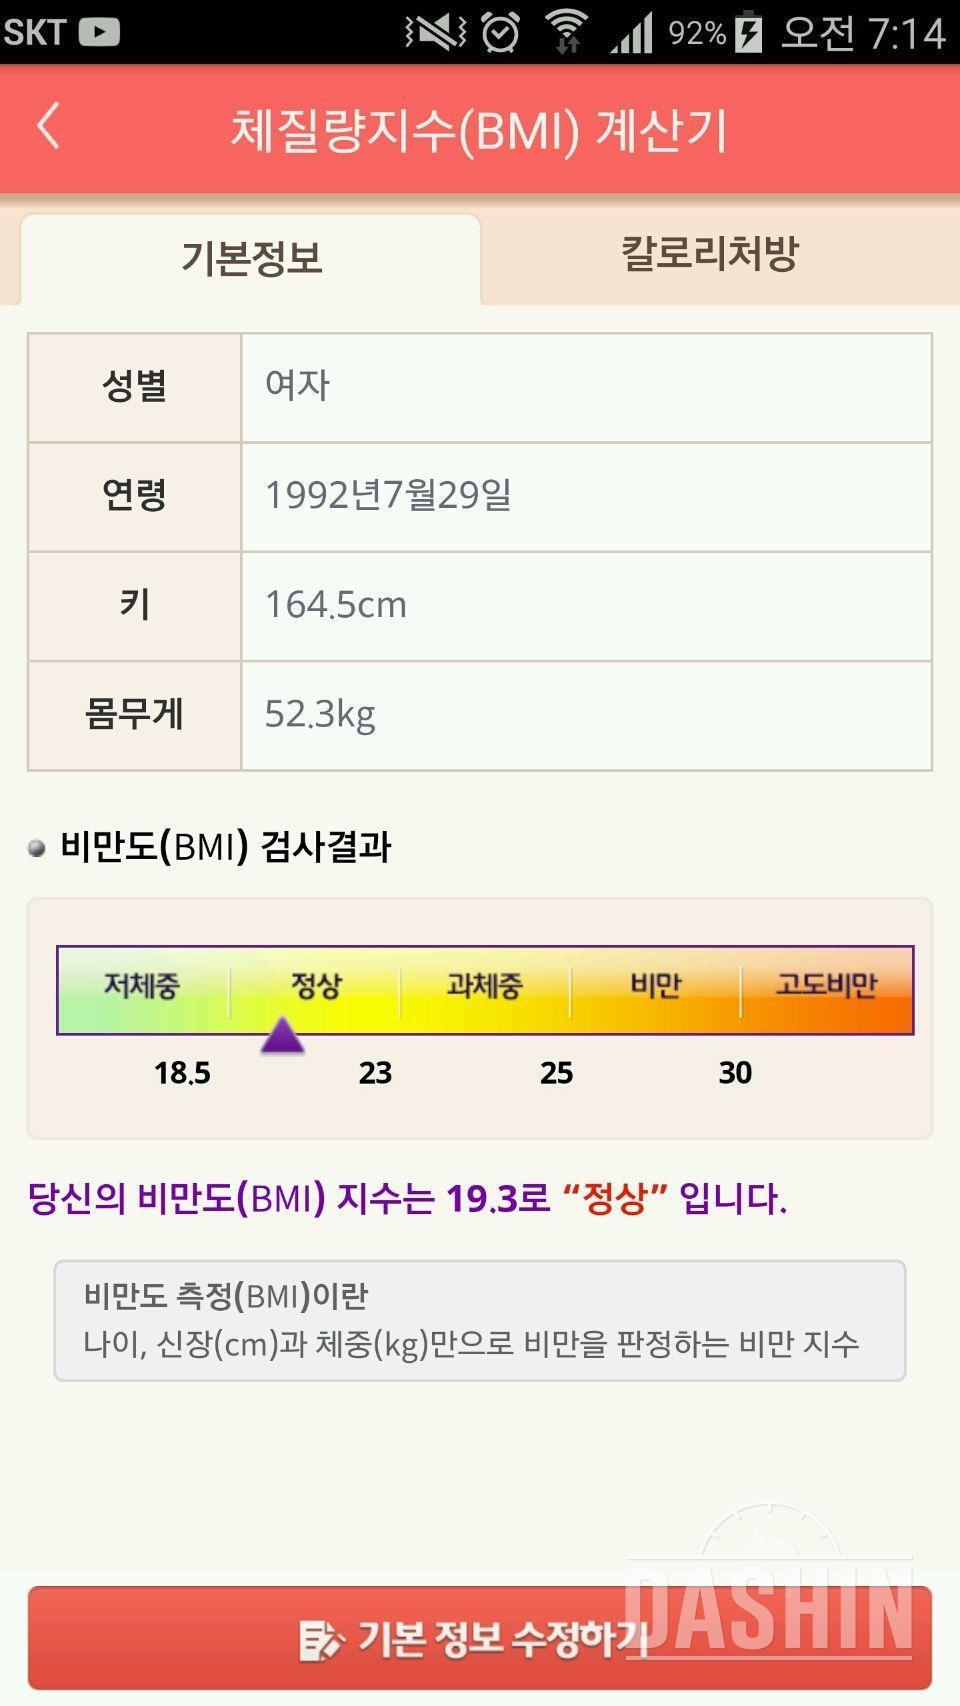 다신 6기 신청합니닷!